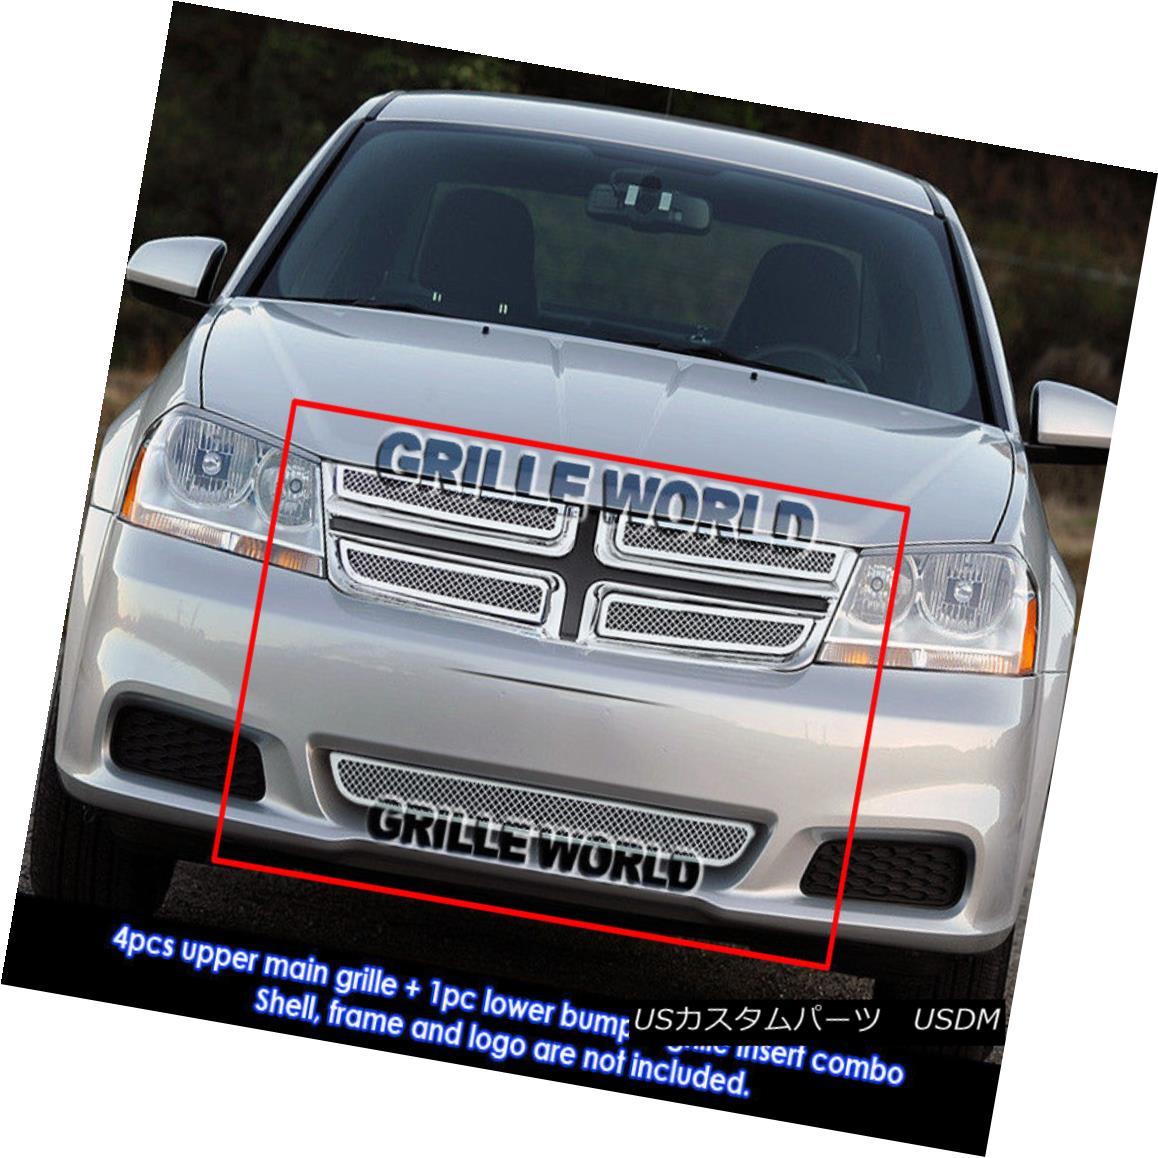 グリル For 2011-2014 Dodge Avenger Stainless Steel Mesh Grille Grill Combo Insert 2011-2014年ダッジアヴェンジャーステンレスメッシュグリルグリルコンボインサート